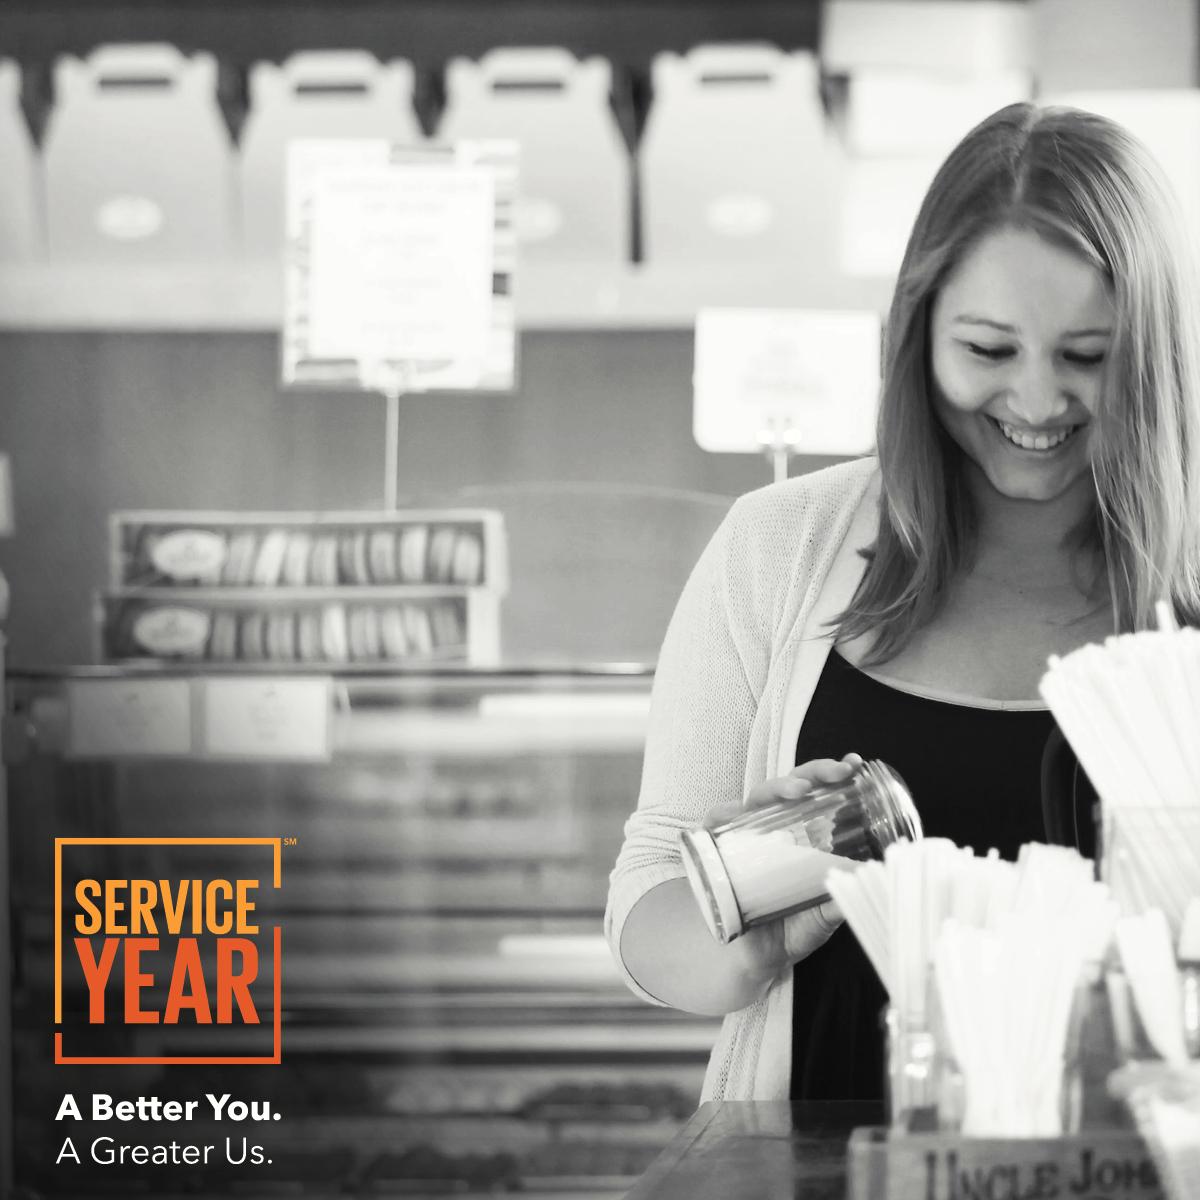 ServiceYearBrand.jpg